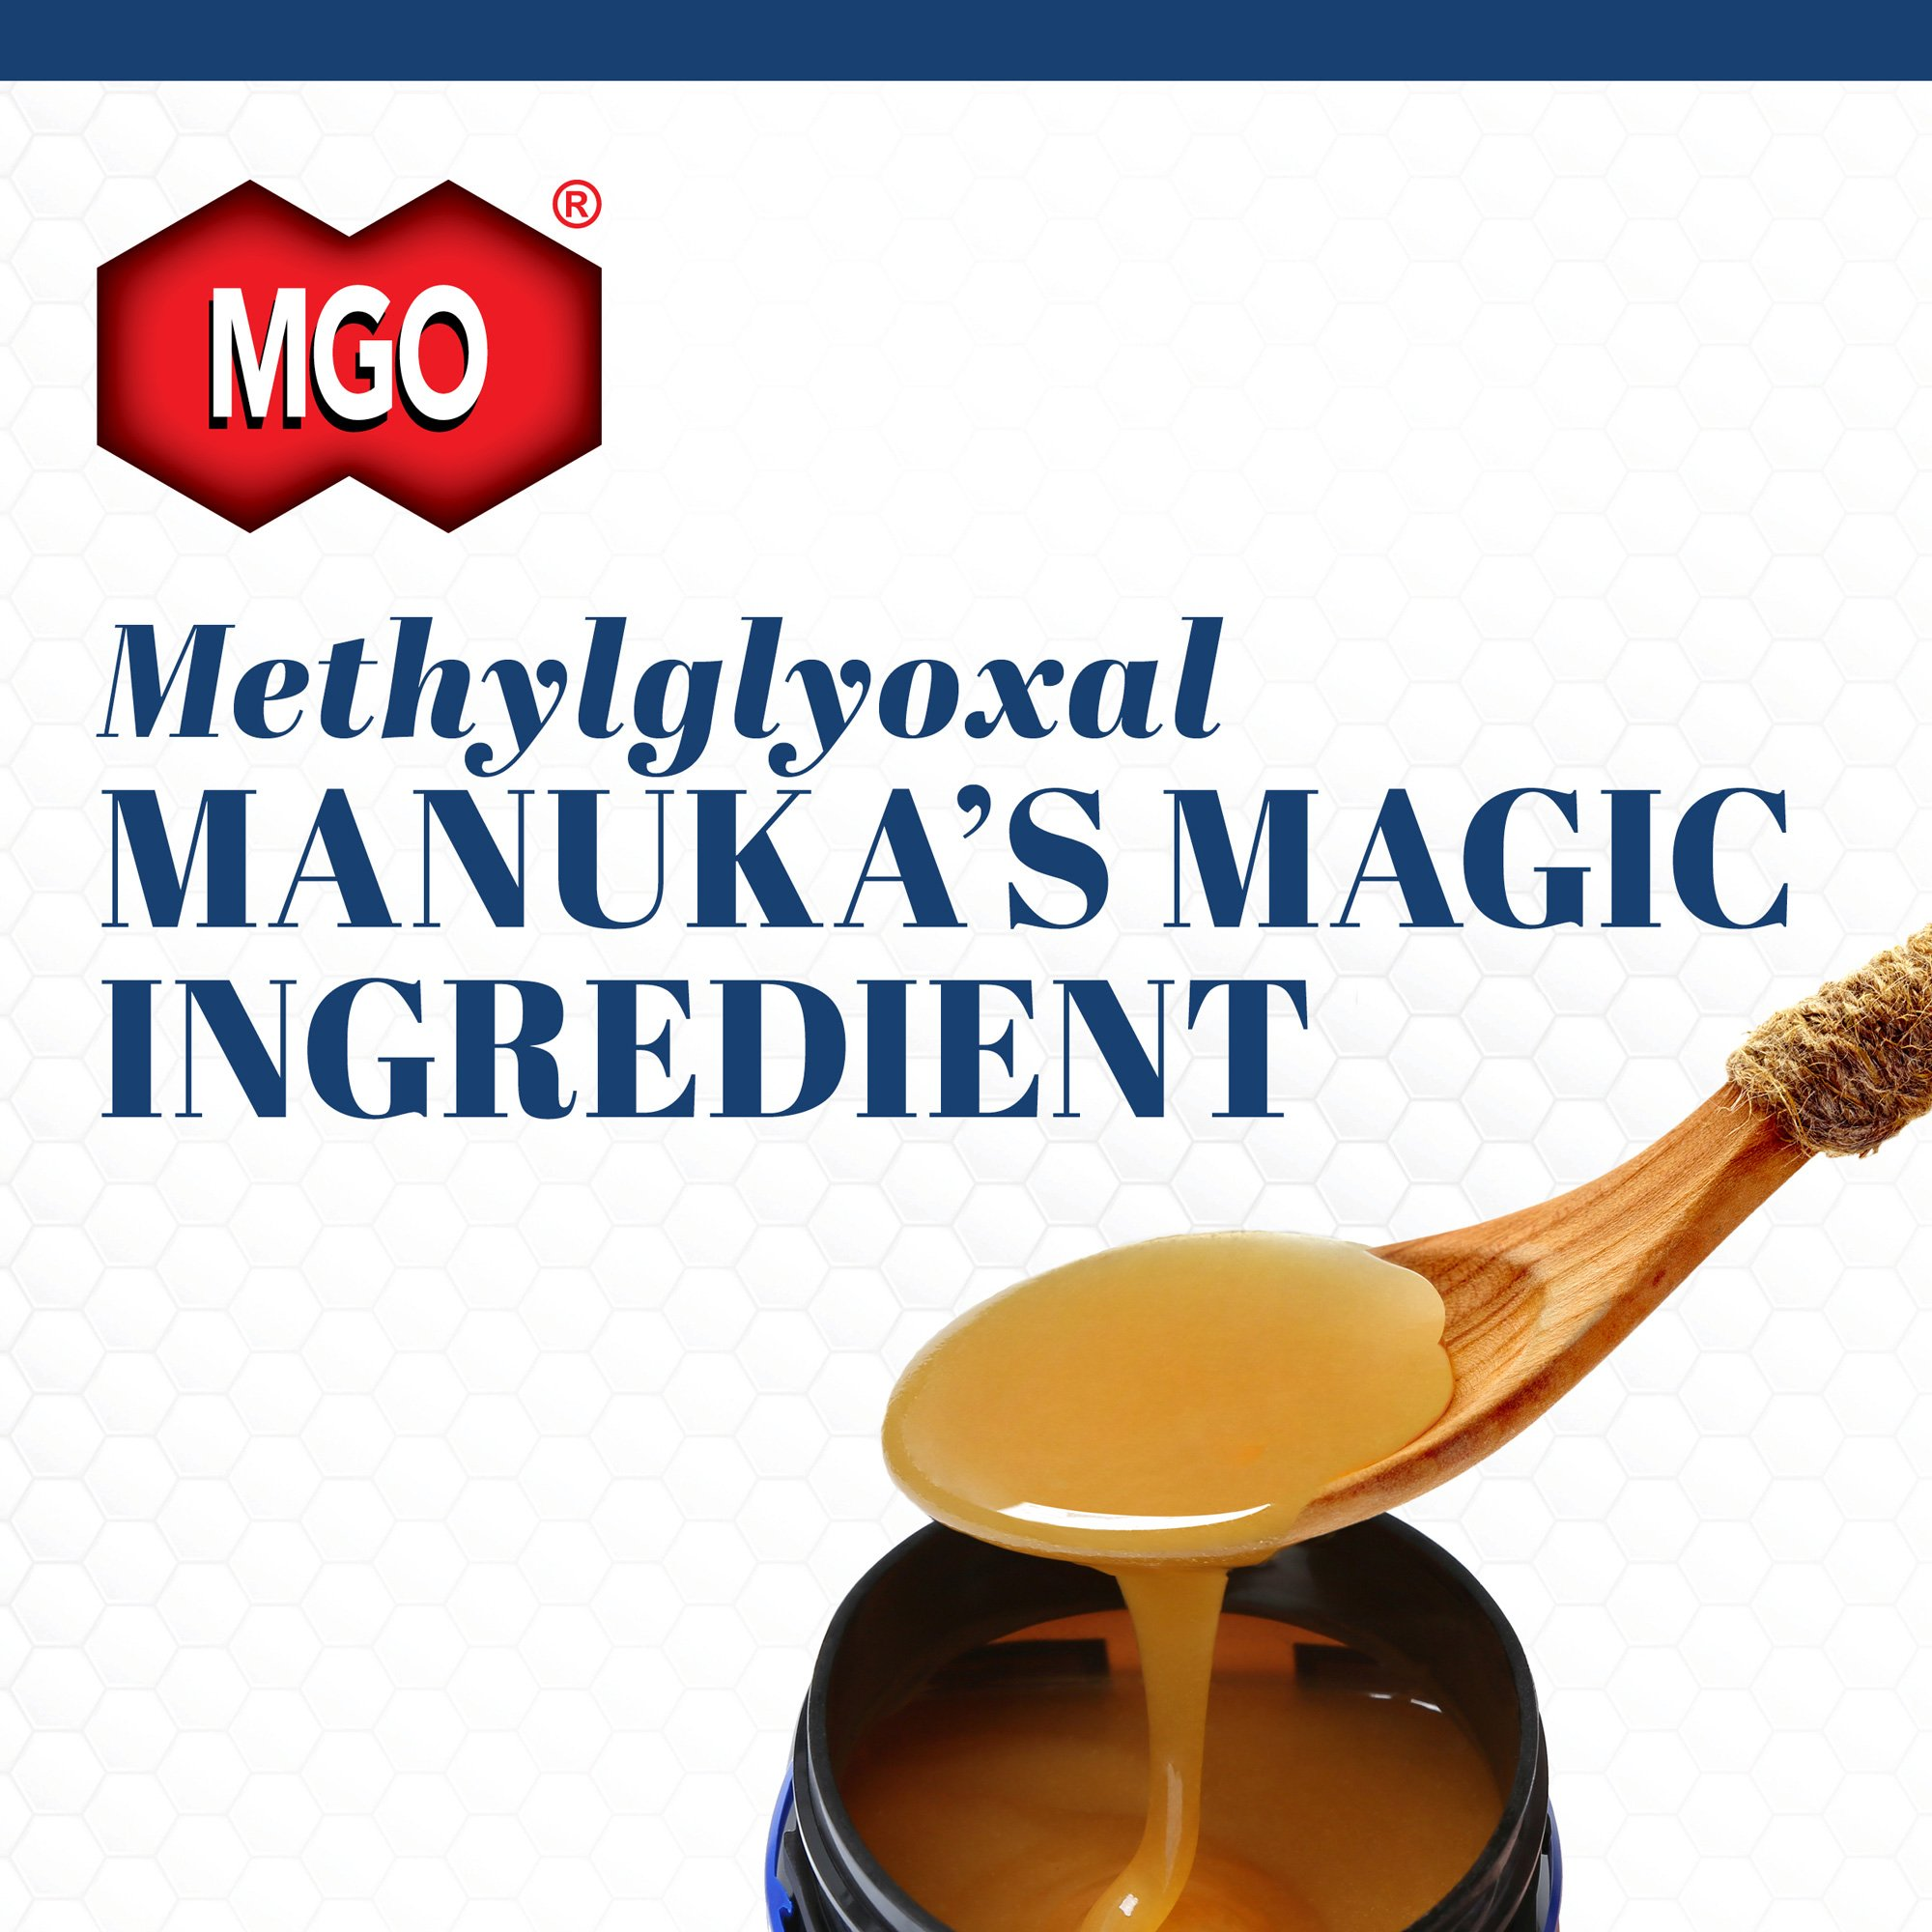 MANUKA HEALTH - MGO 550+ Manuka Honey, 100% Pure New Zealand Honey, 8.8 oz (250 g) (FFP) by Manuka Health (Image #6)